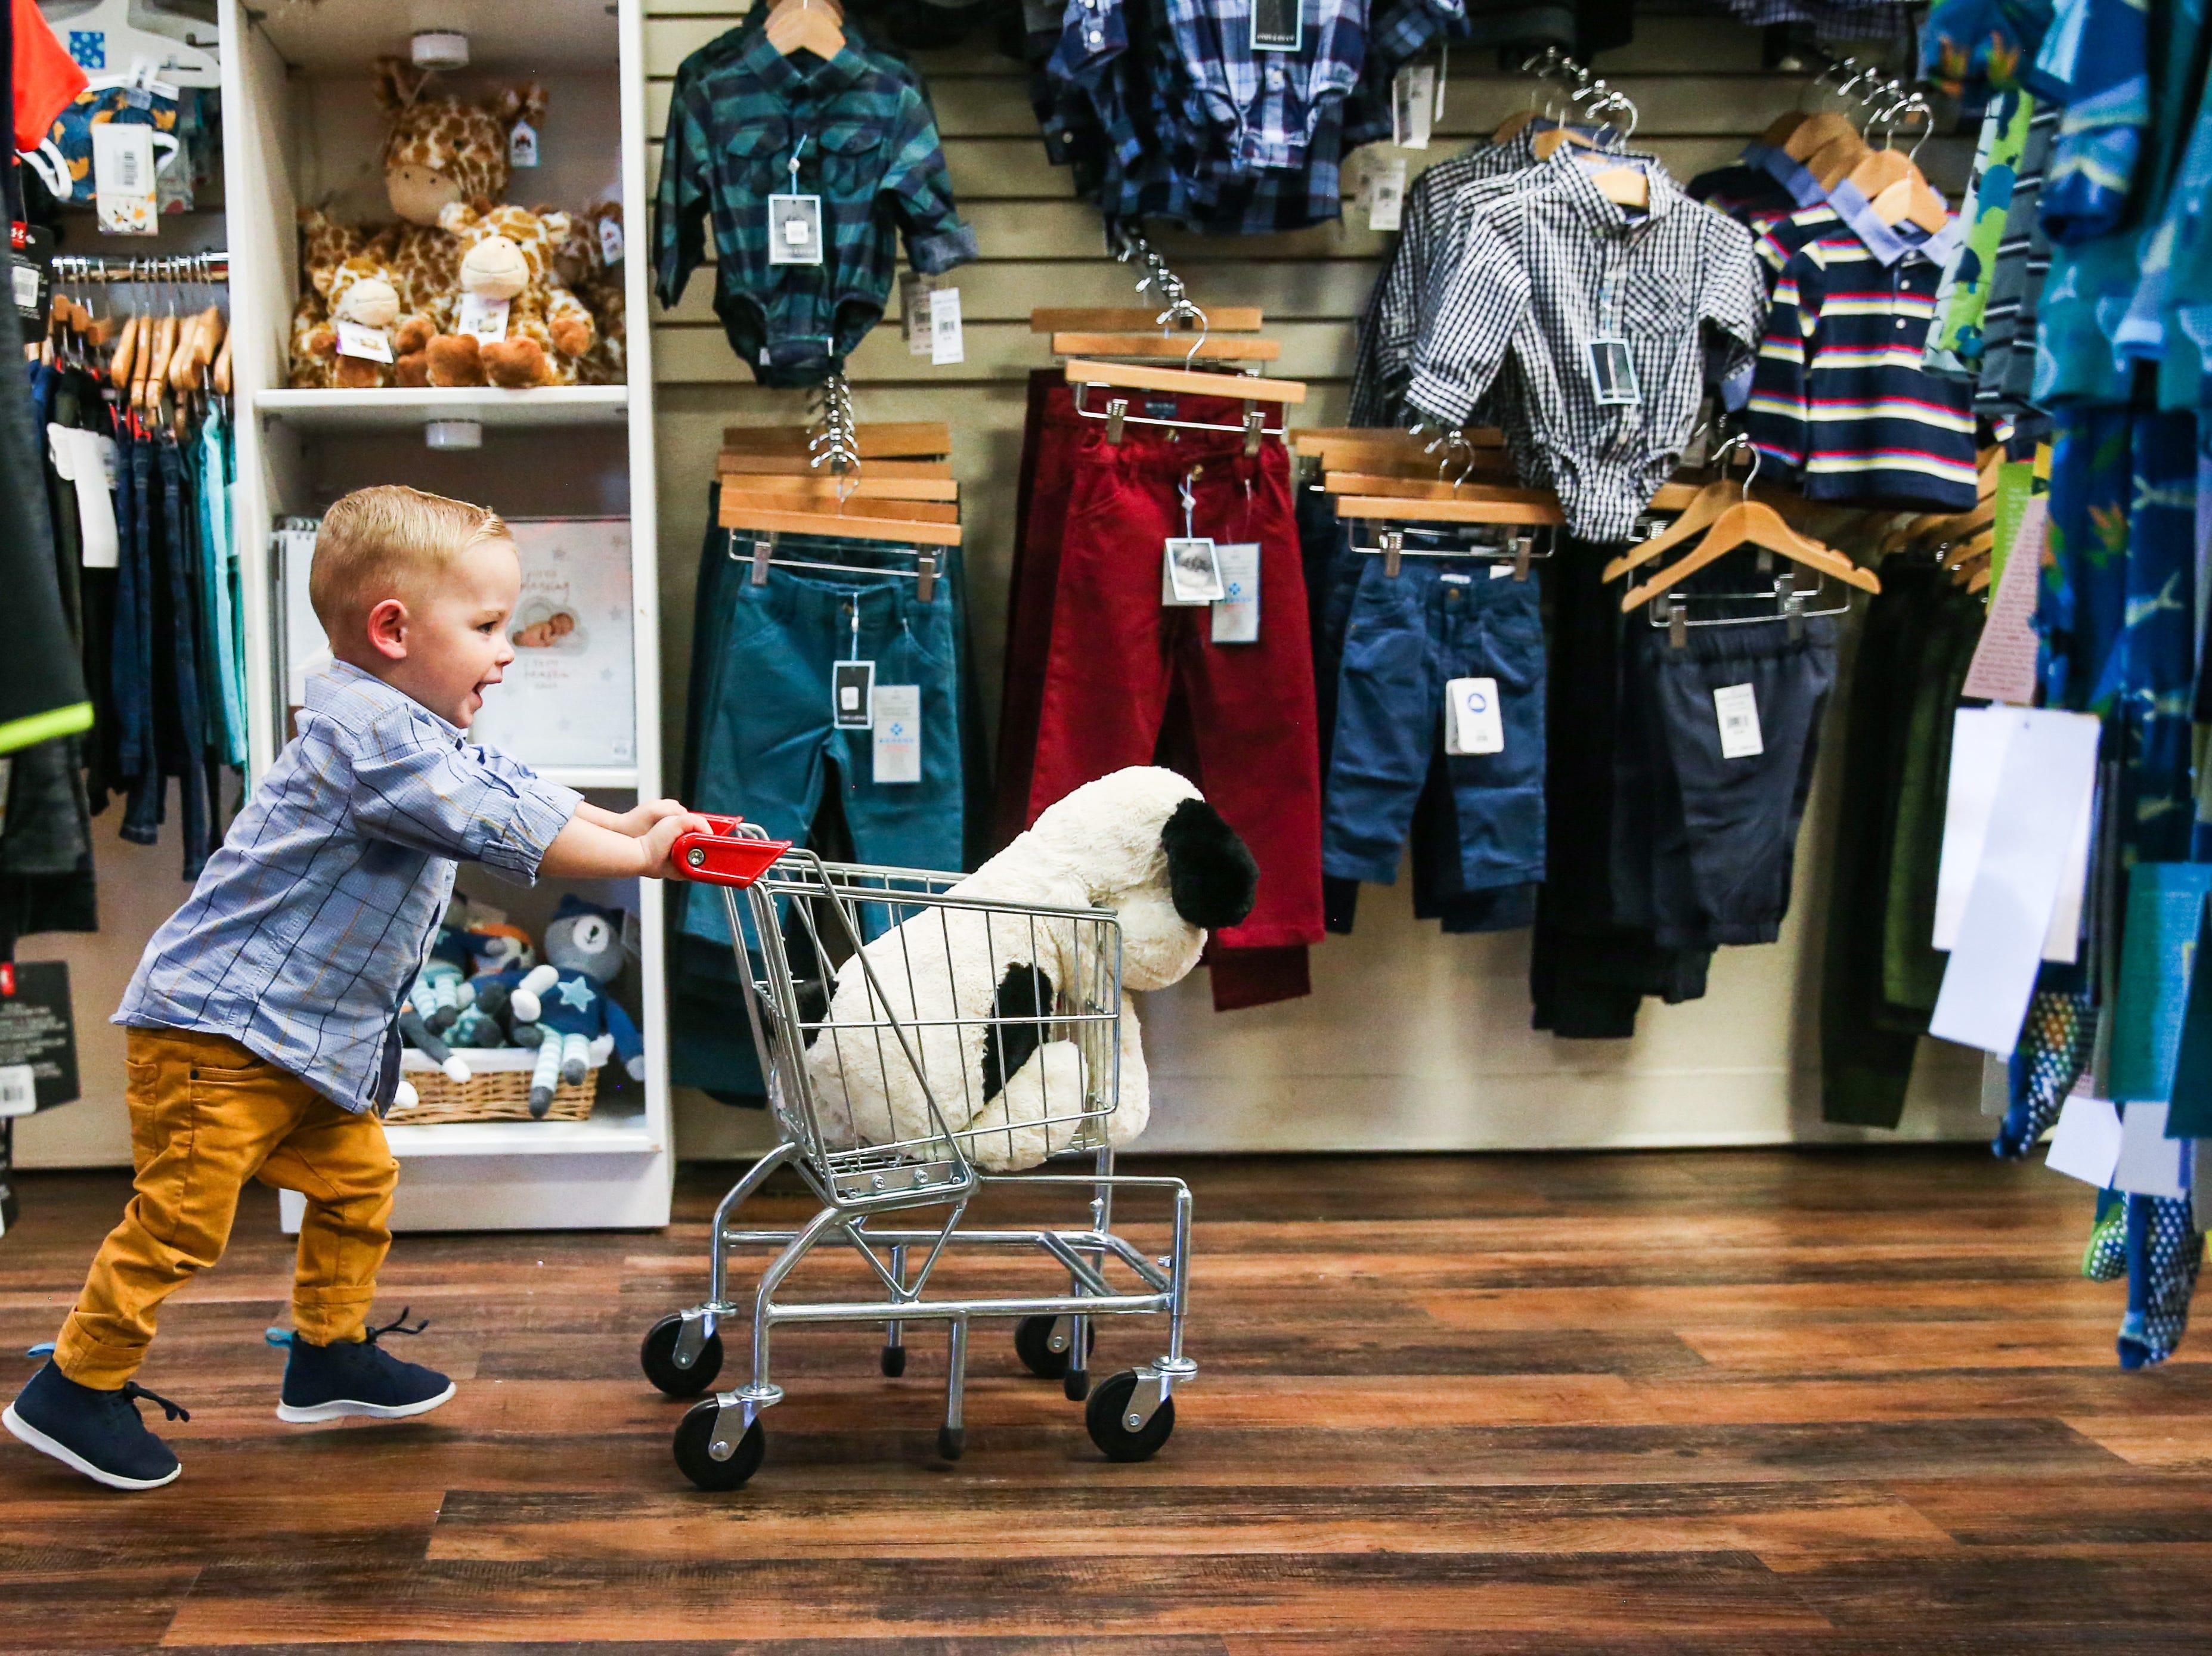 Fancy Pants Children's Boutique is happy place for families